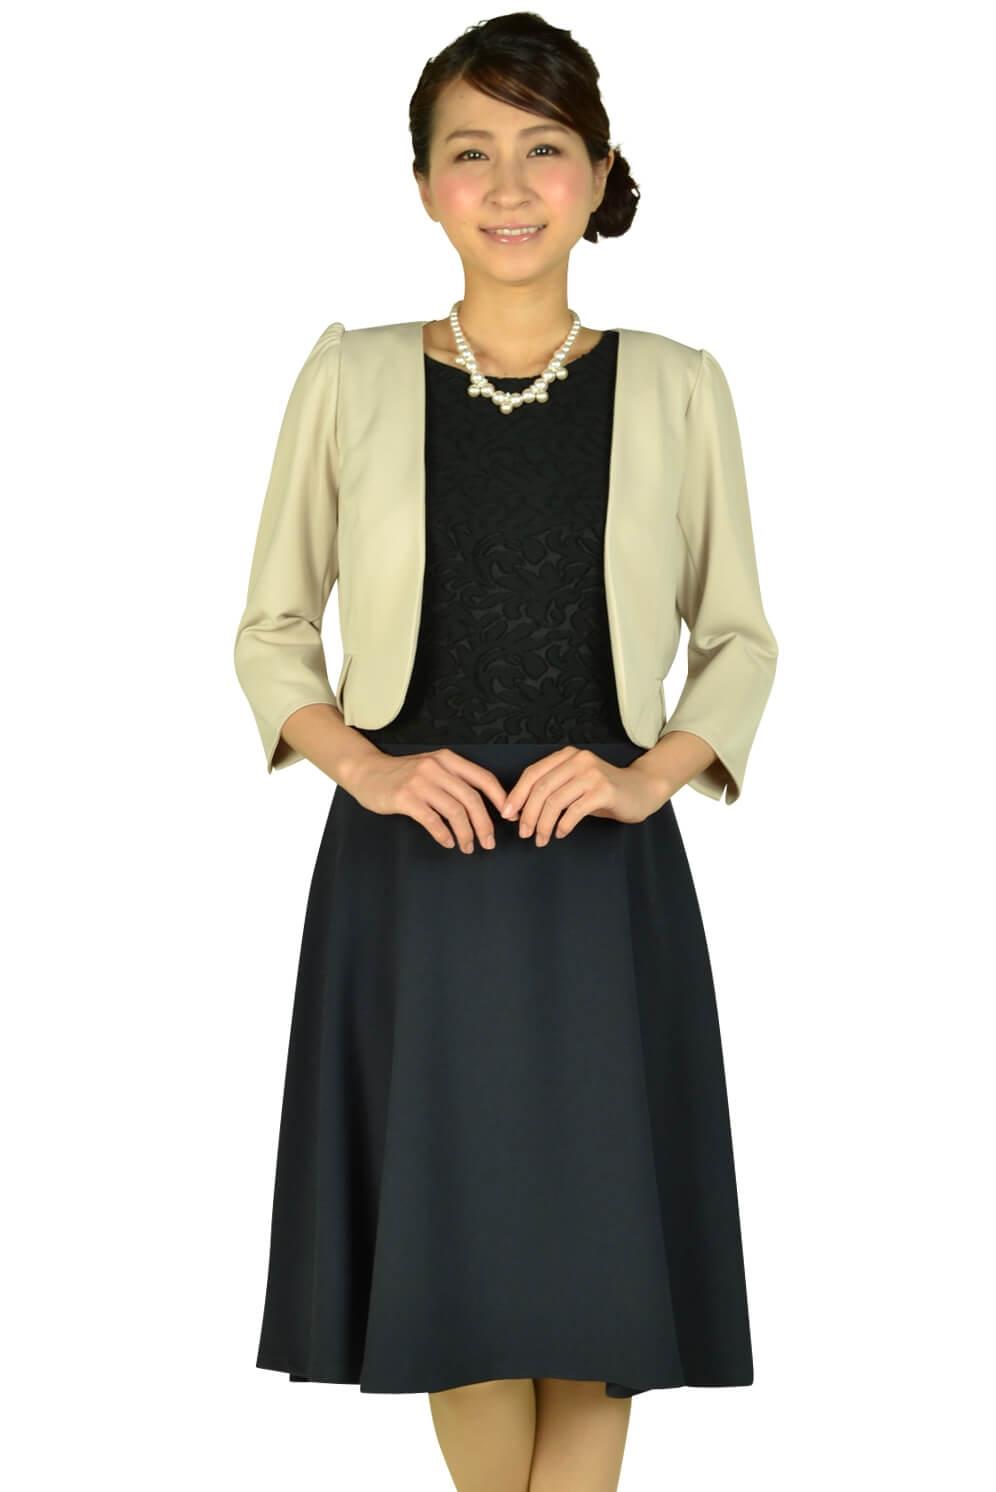 ヴァンドゥーオクトーブル (22 OCTOBRE)ブラックレース×ネイビードレスセット